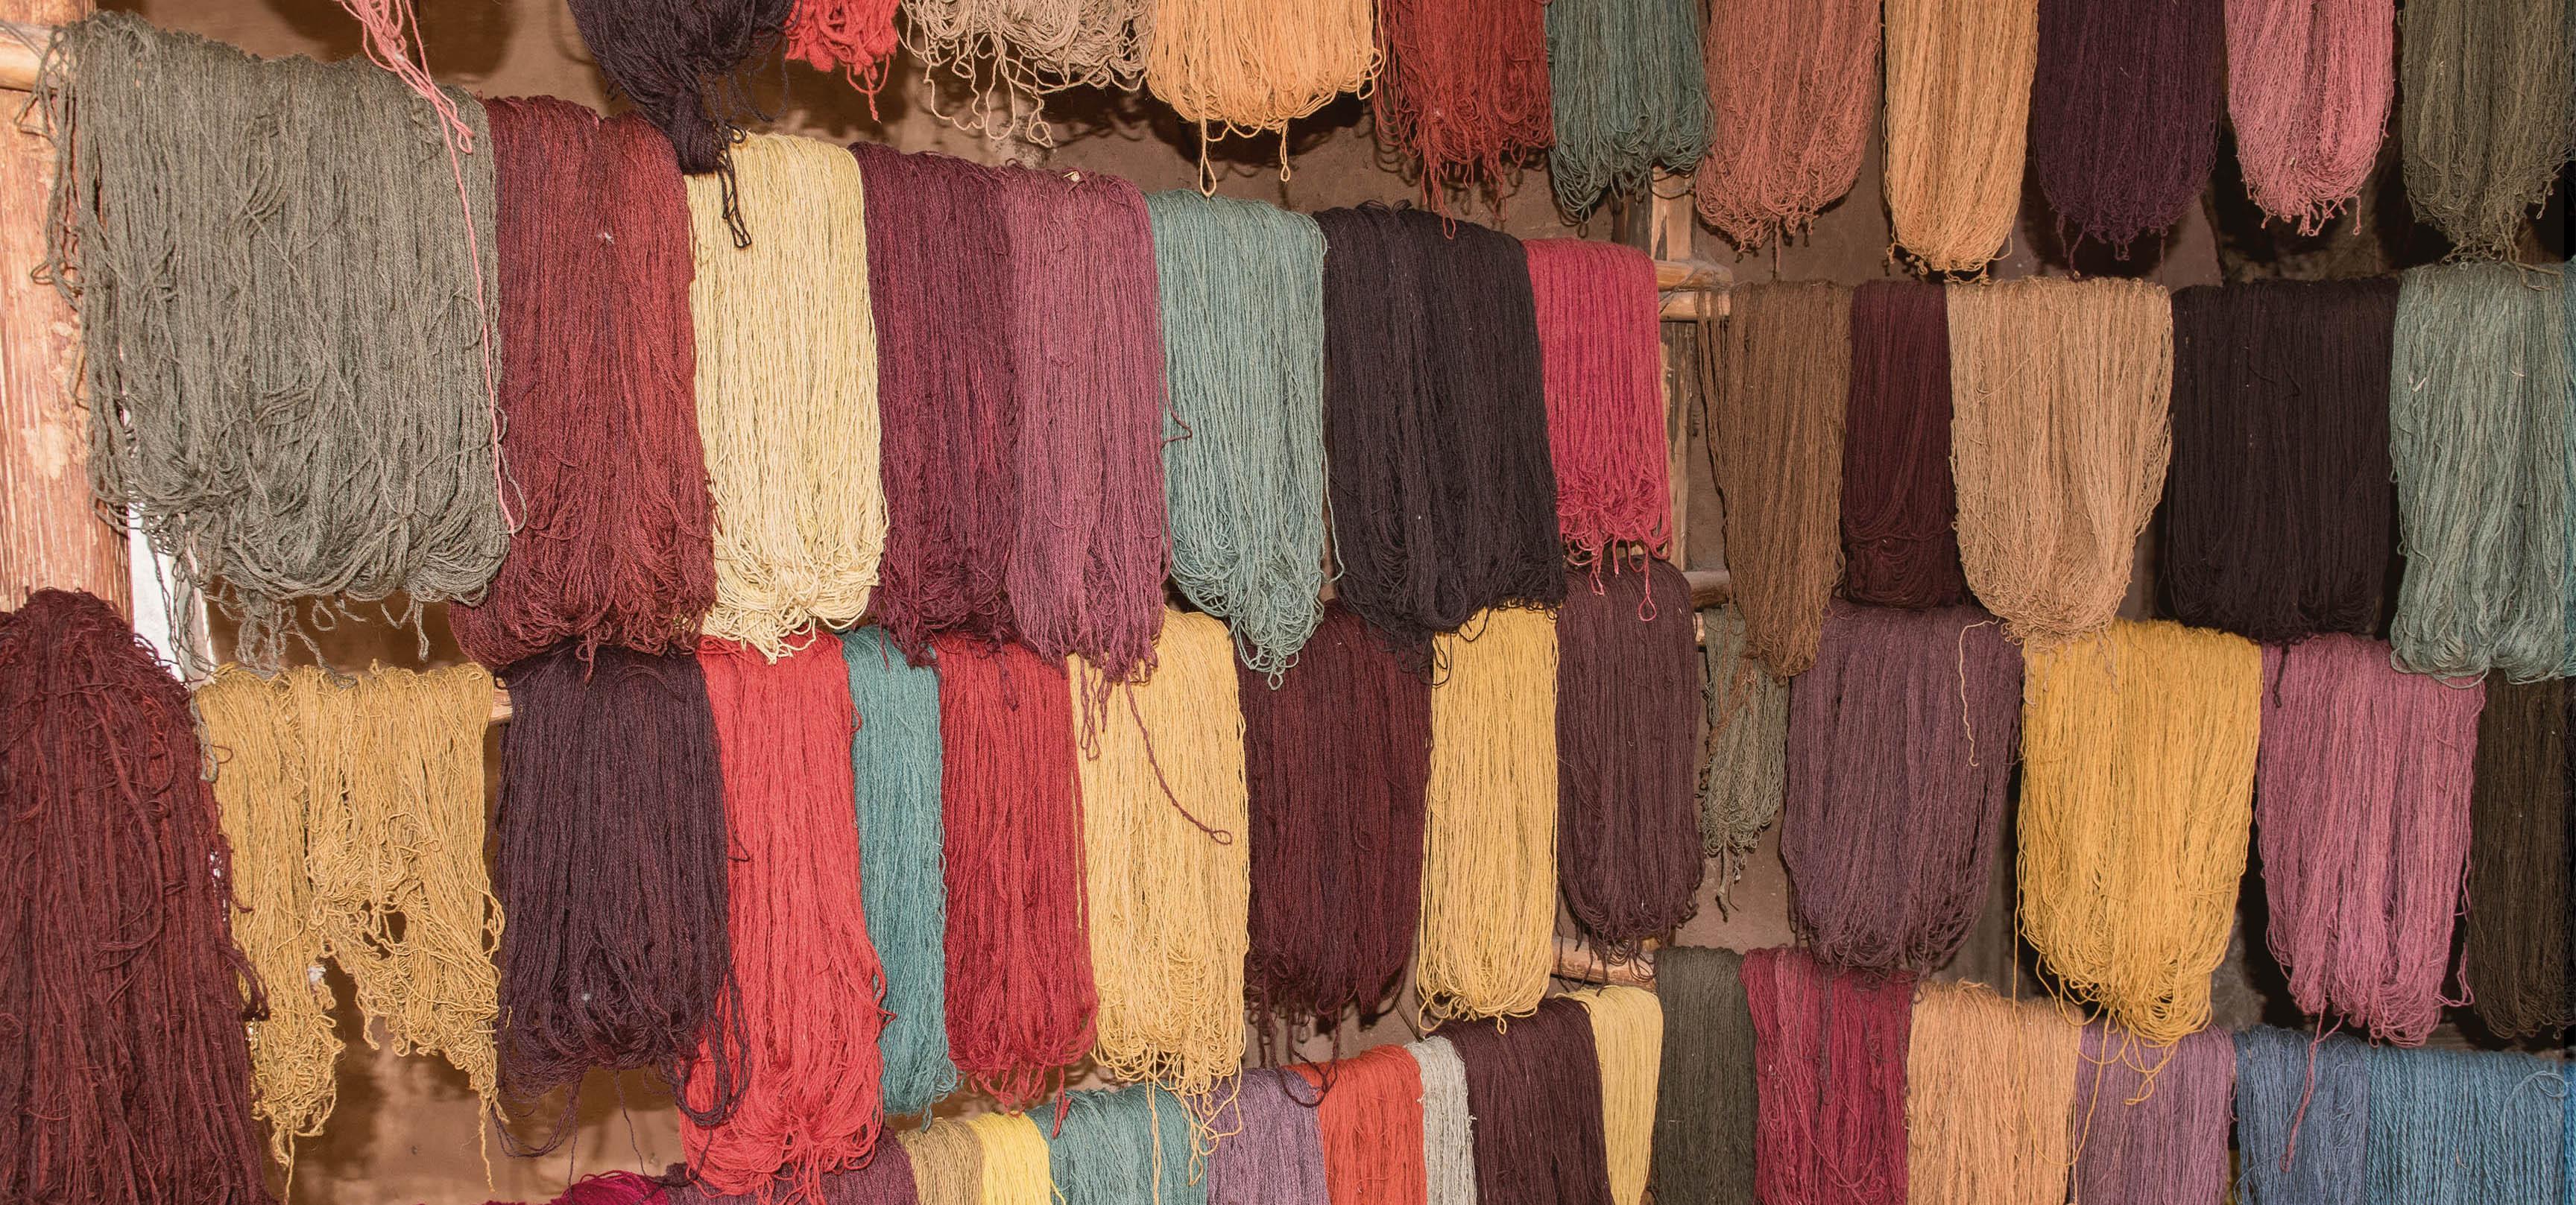 vezels voor wol